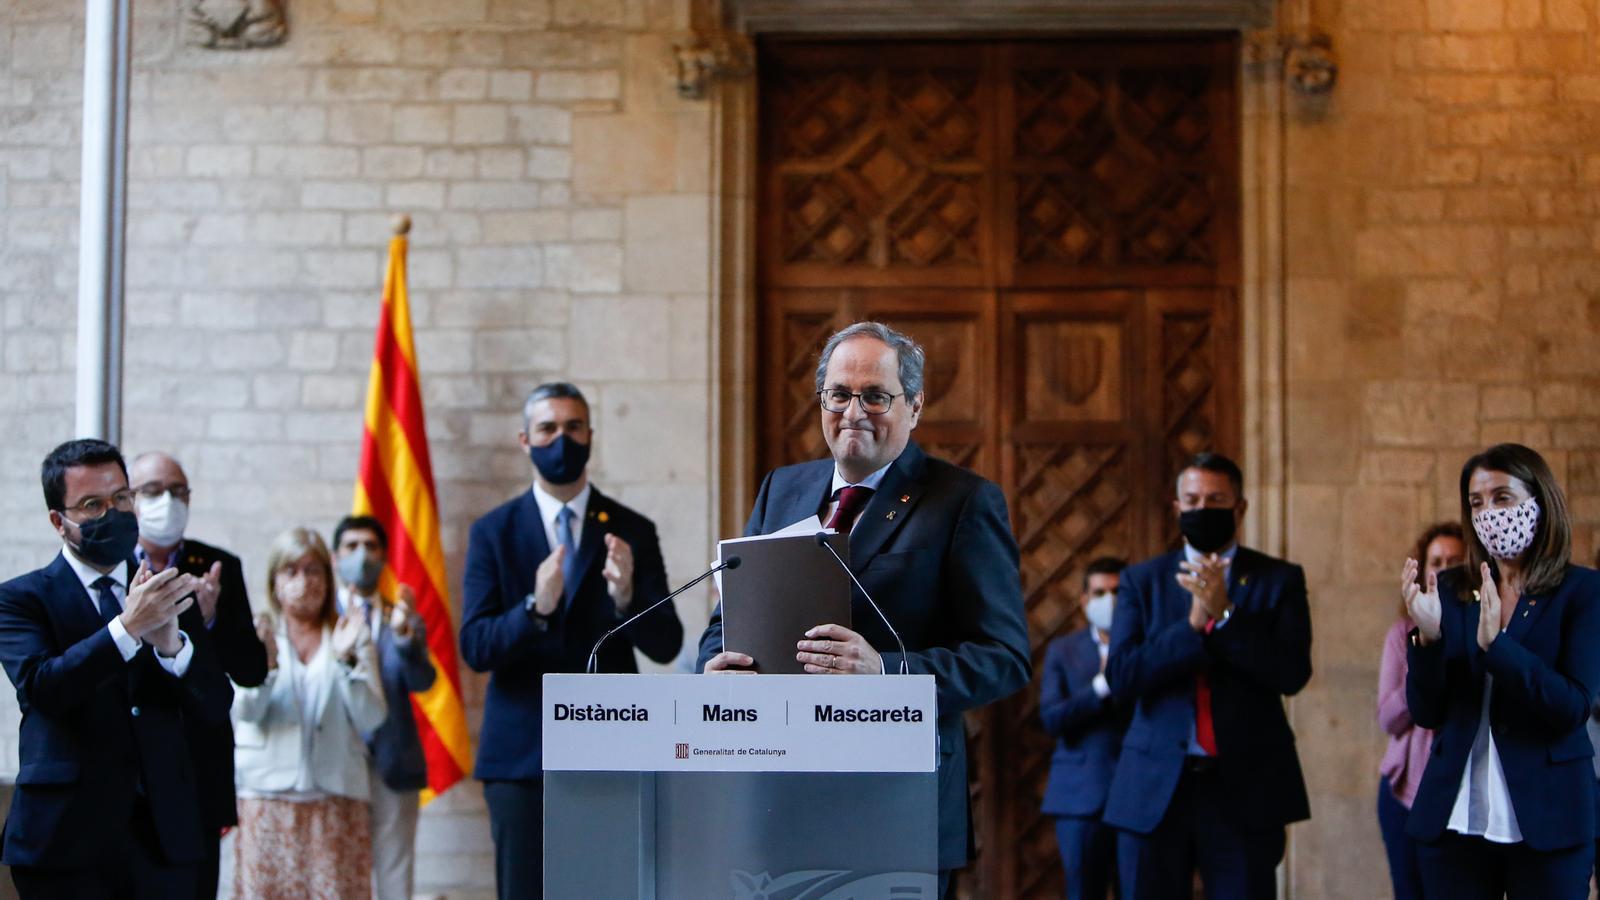 Quim Torra rep els aplaudiments de la resta de membres del seu Govern després de la declaració institucional que ha fet com a resposta a la seva inhabilitació com a president